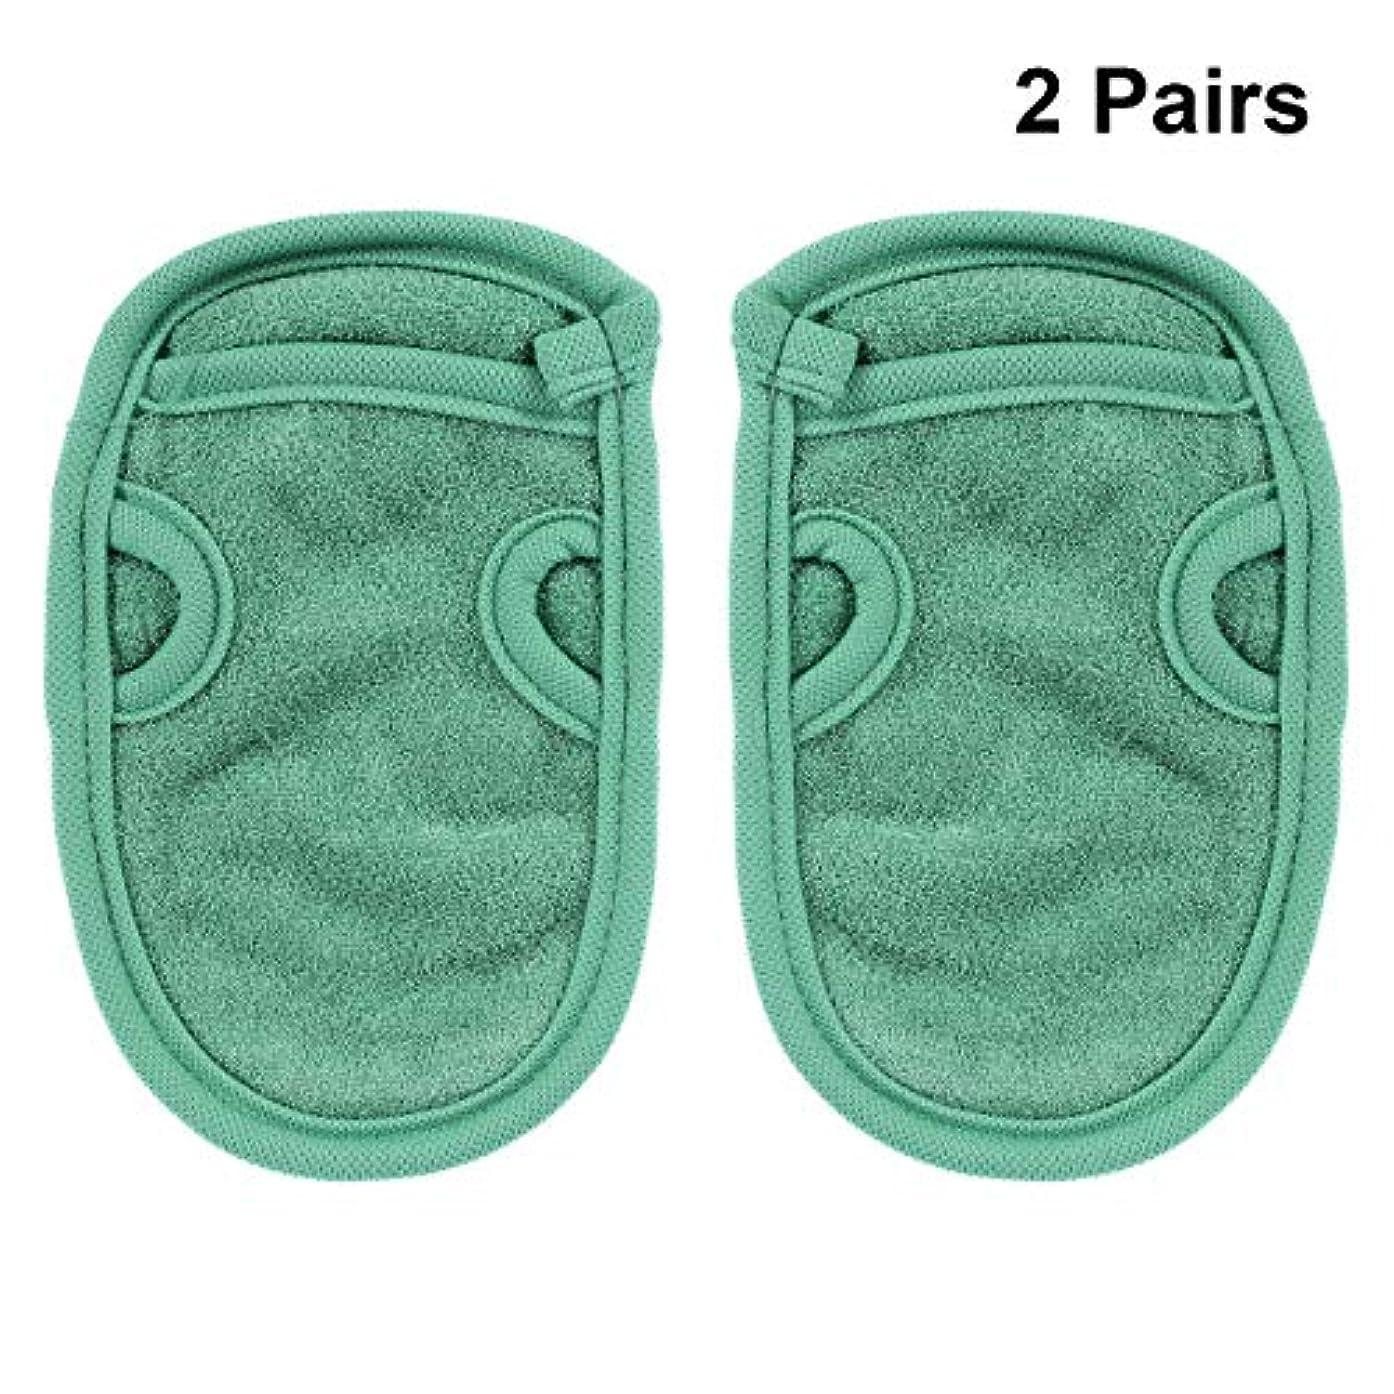 候補者収まる避難するHEALIFTY 4本入浴手袋エクスフォリエイティンググローブスパグローブシャワーグローブフェイシャルグローブバスボディスクラブシャワーグローブボディスパ(グリーン)